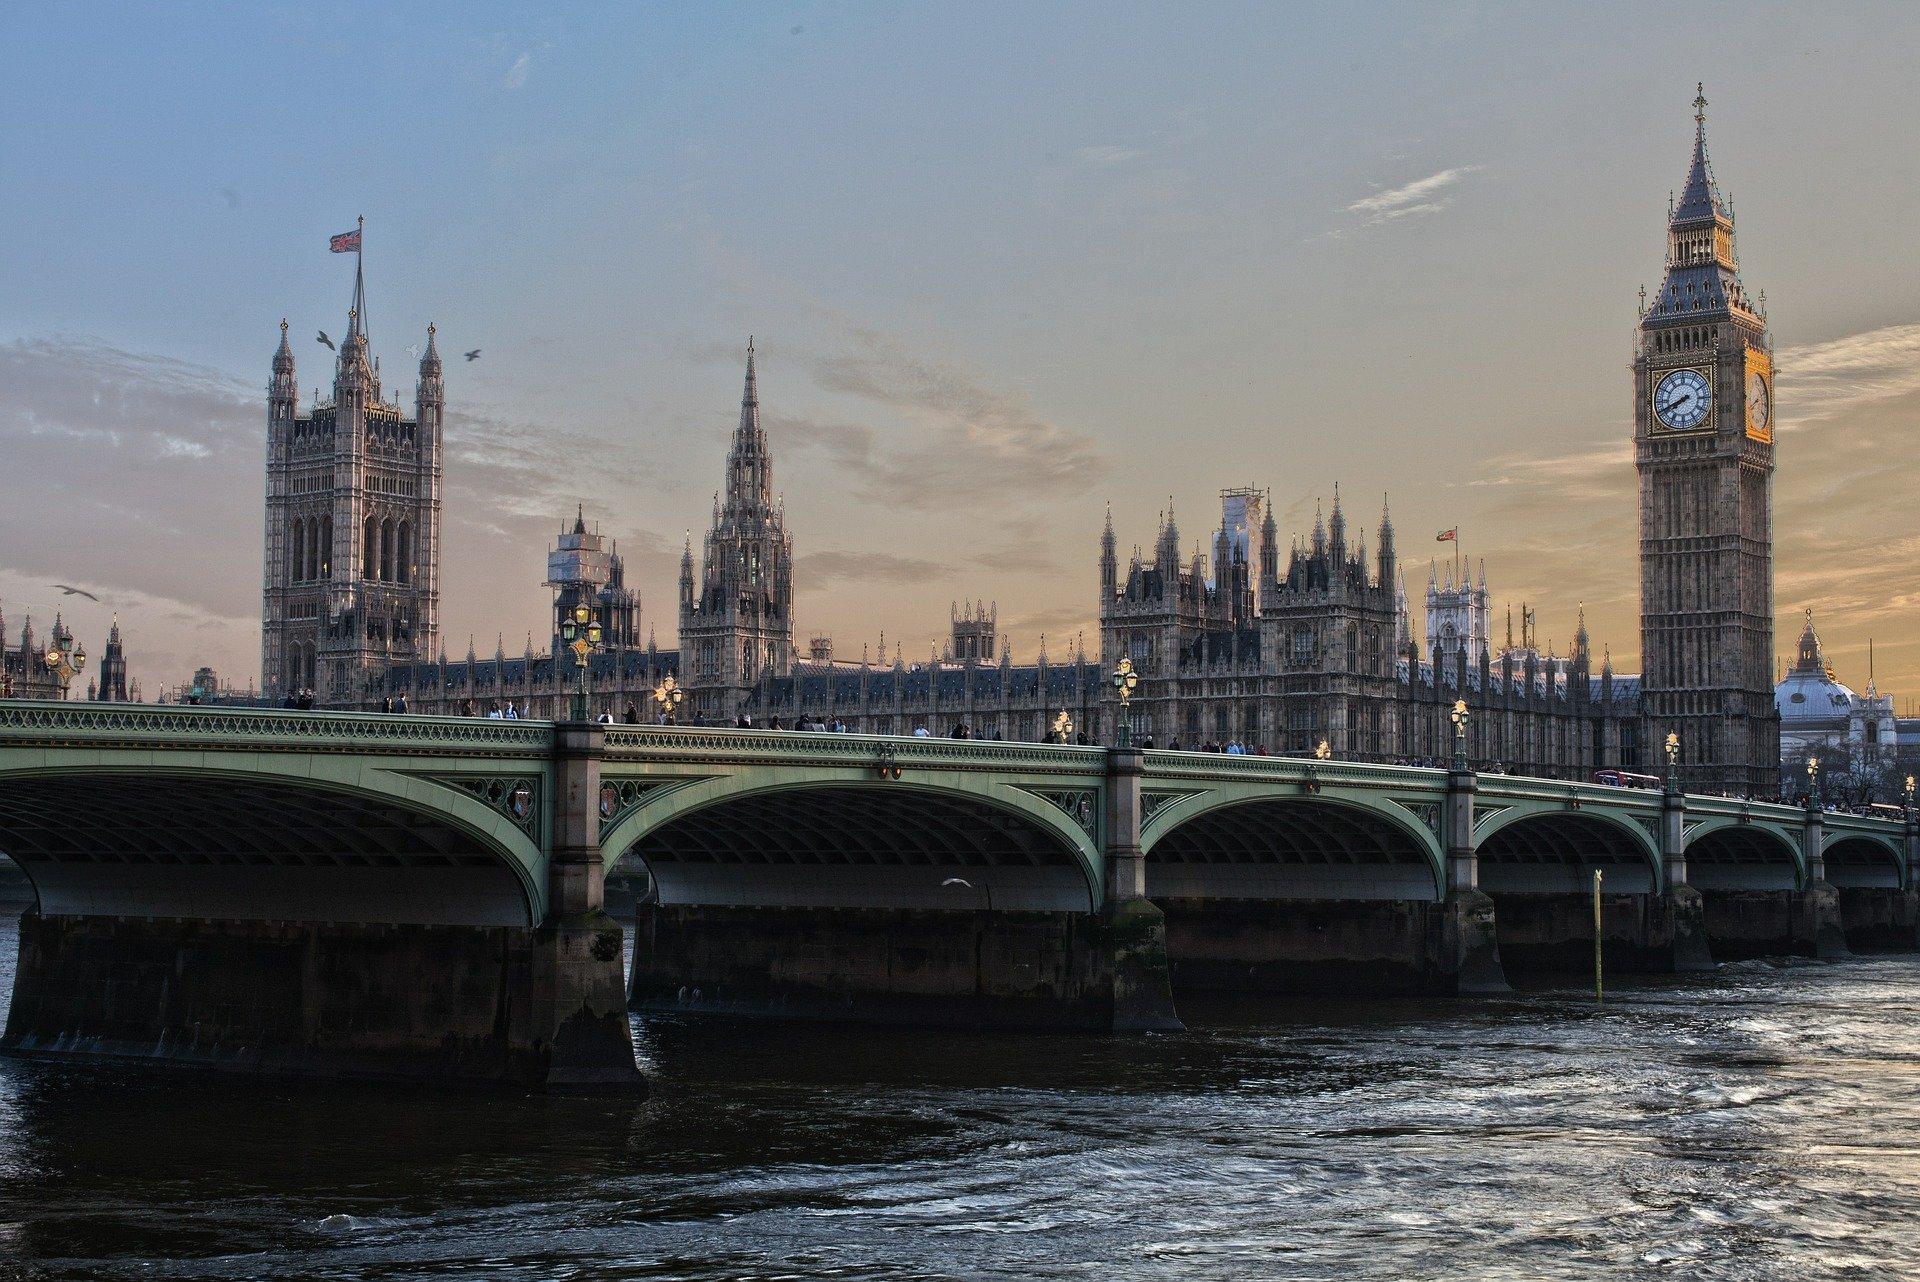 טיול מאורגן ללונדון   9.3   7 ימים   כולל כרטיס למחזמר